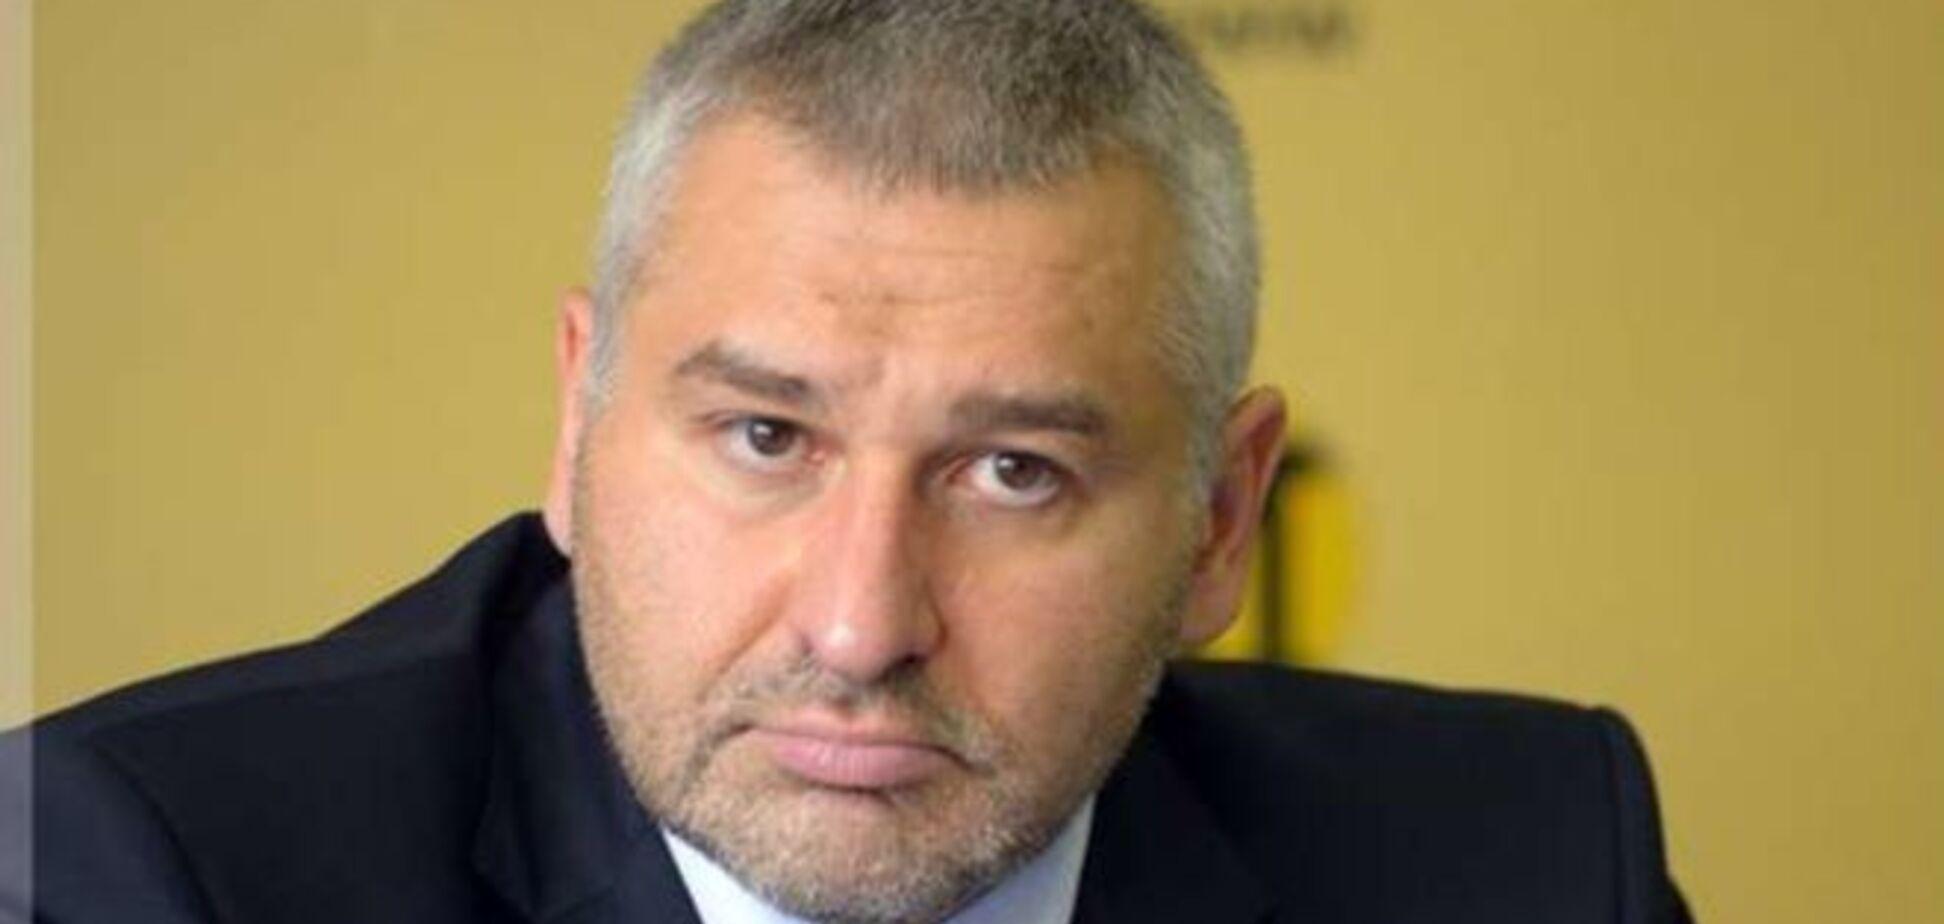 Адвокат Савченко: голодовка 'вряд ли будет возобновляться'